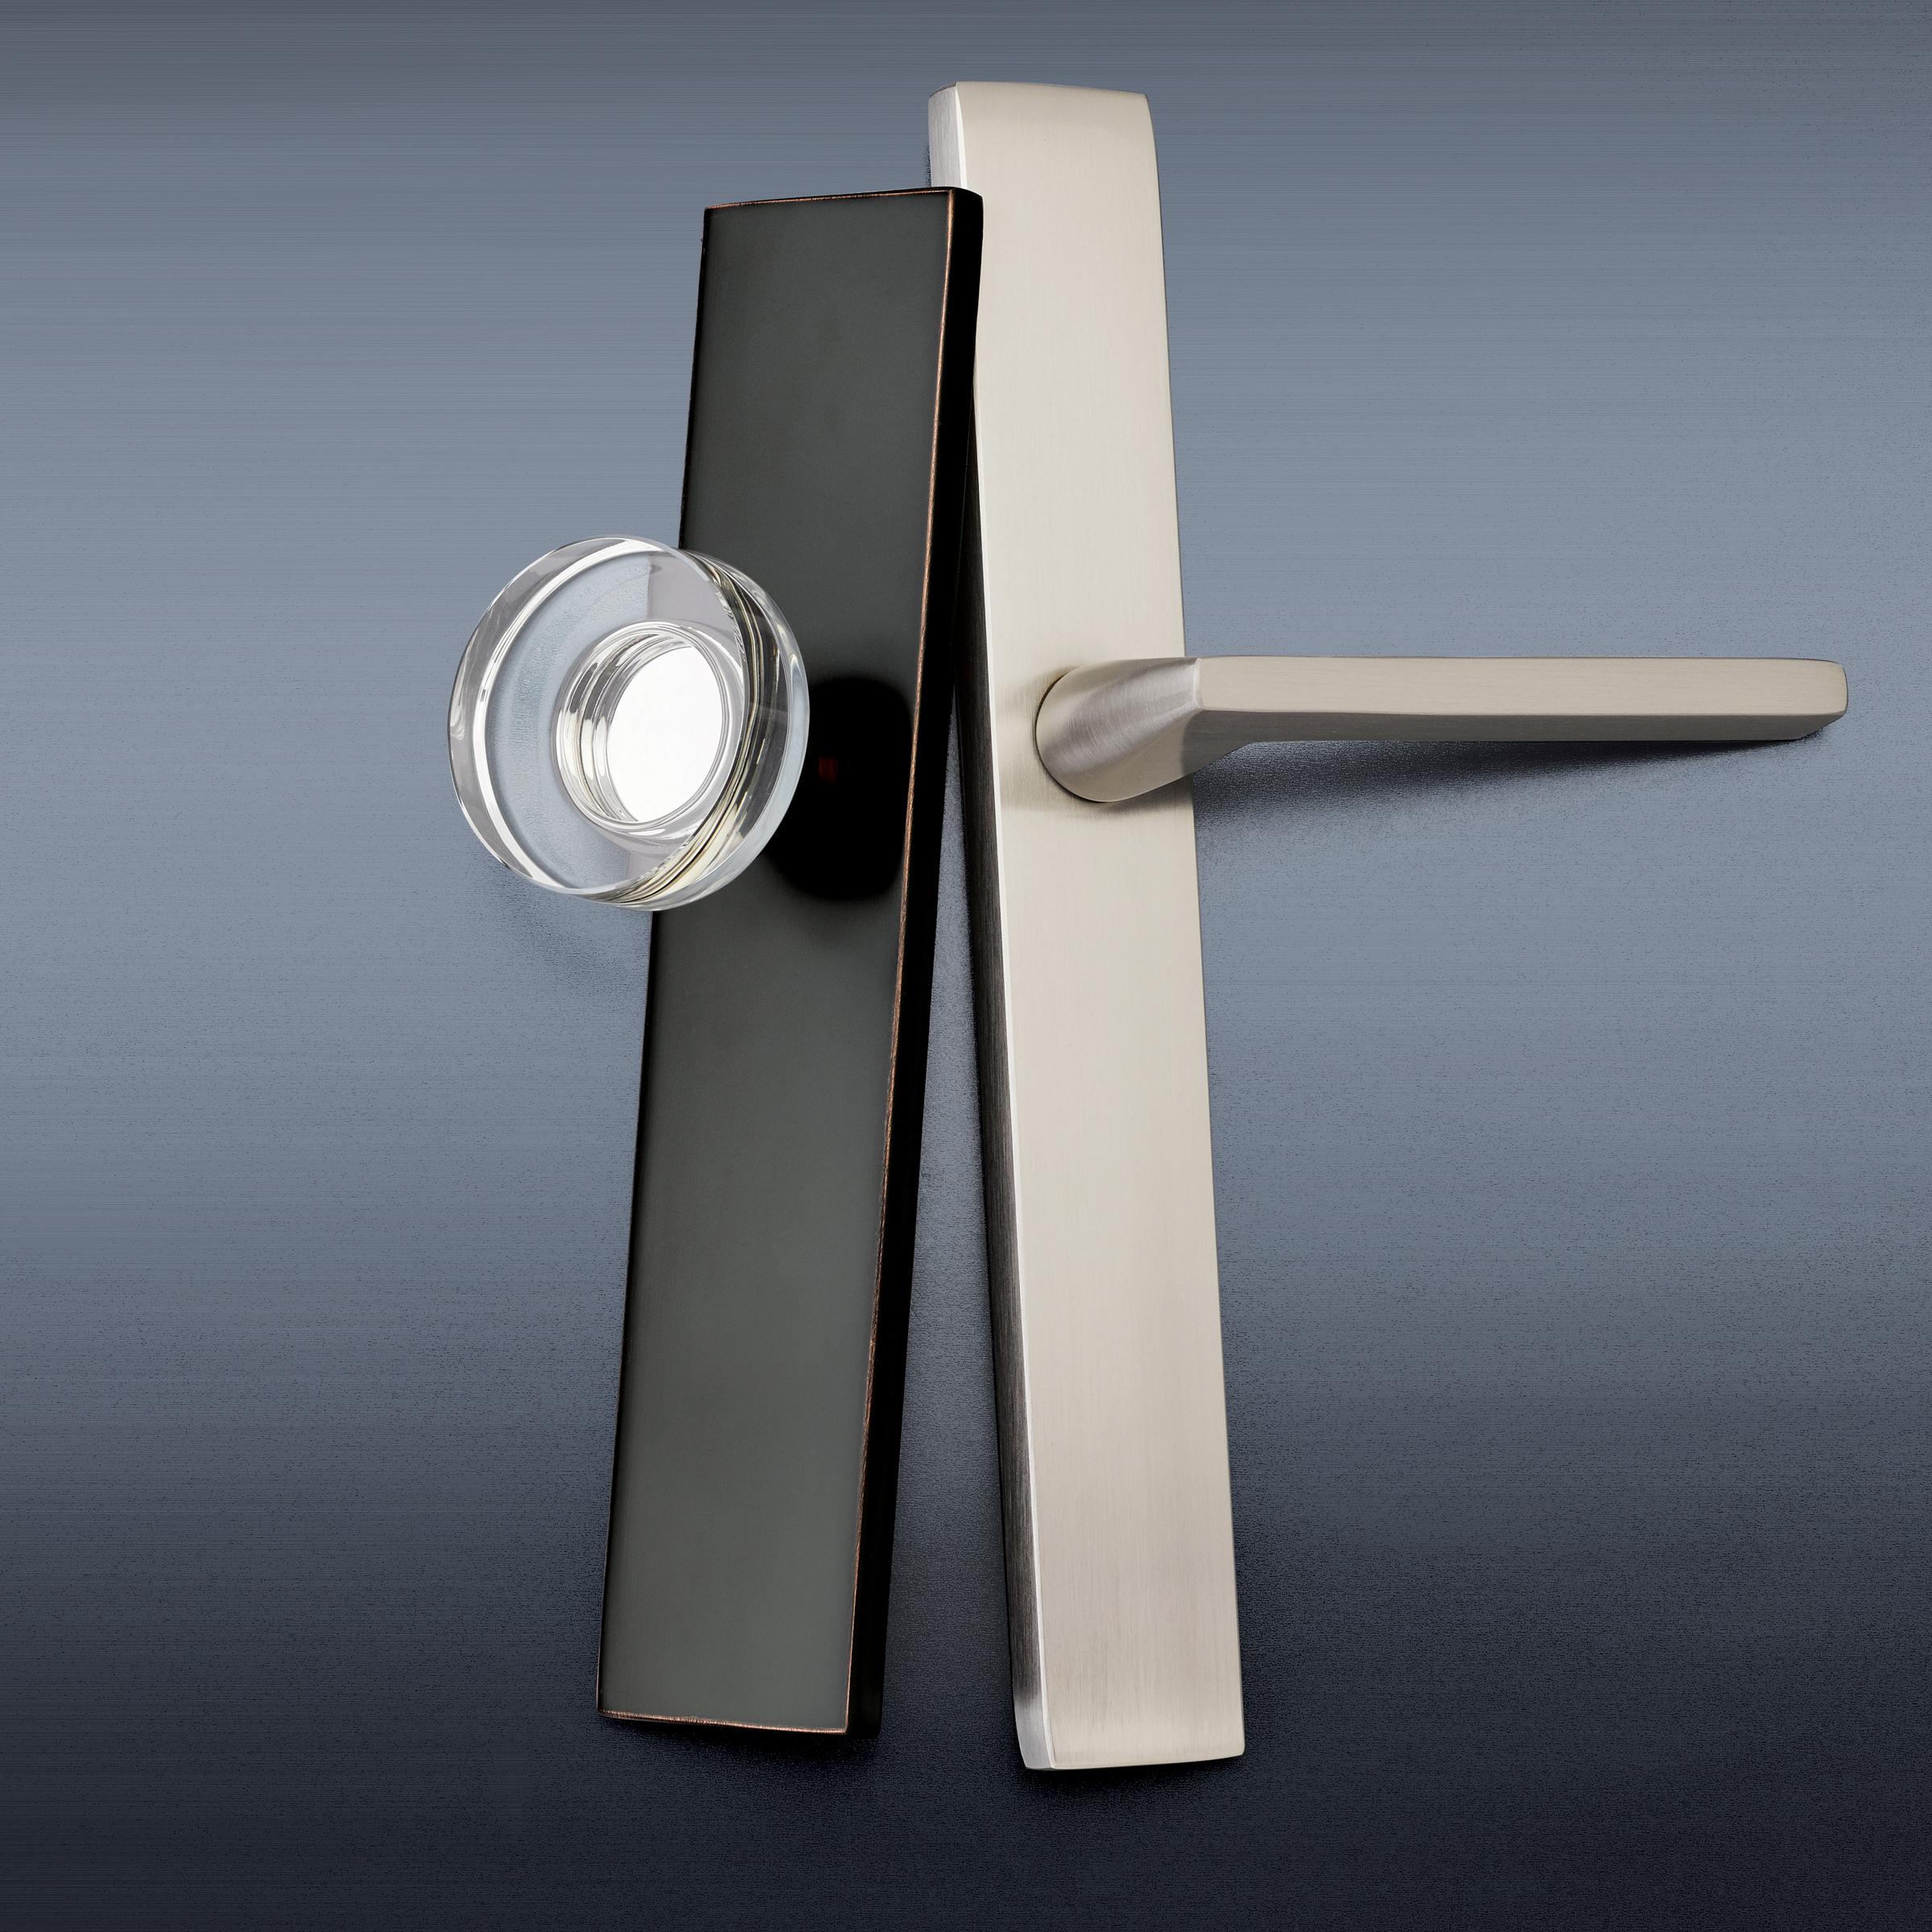 Minimalism in Door Hardware